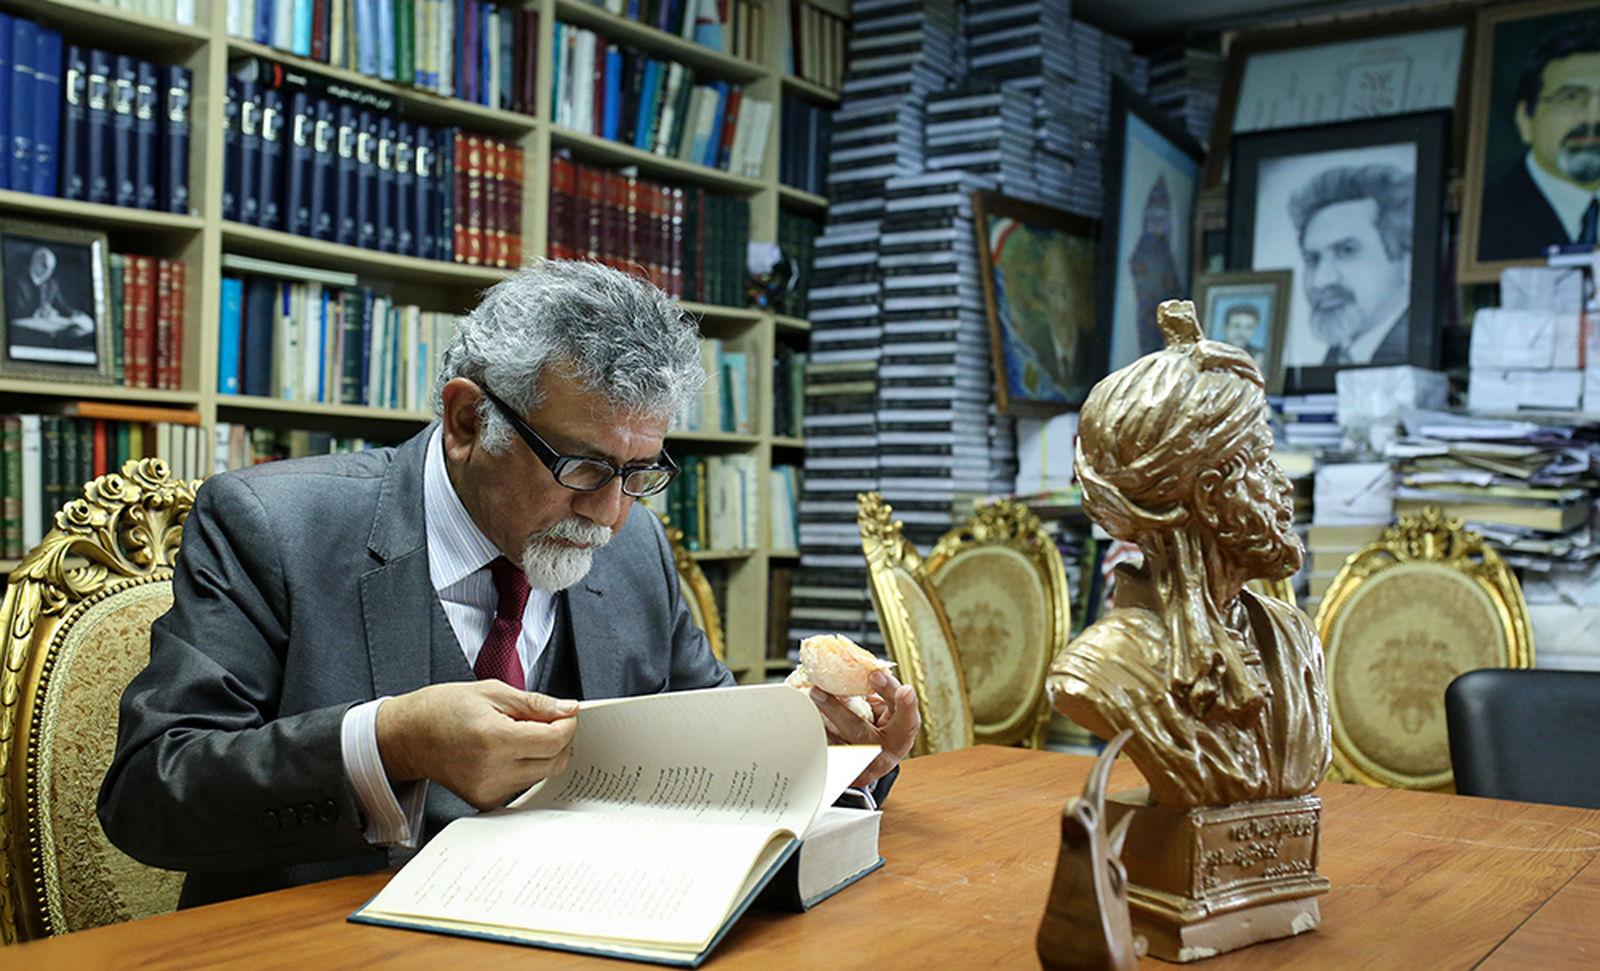 خاطرات من از ۲۸ مرداد ۱۳۳۲ به قلم شیوای پروفسور سیدحسن امین